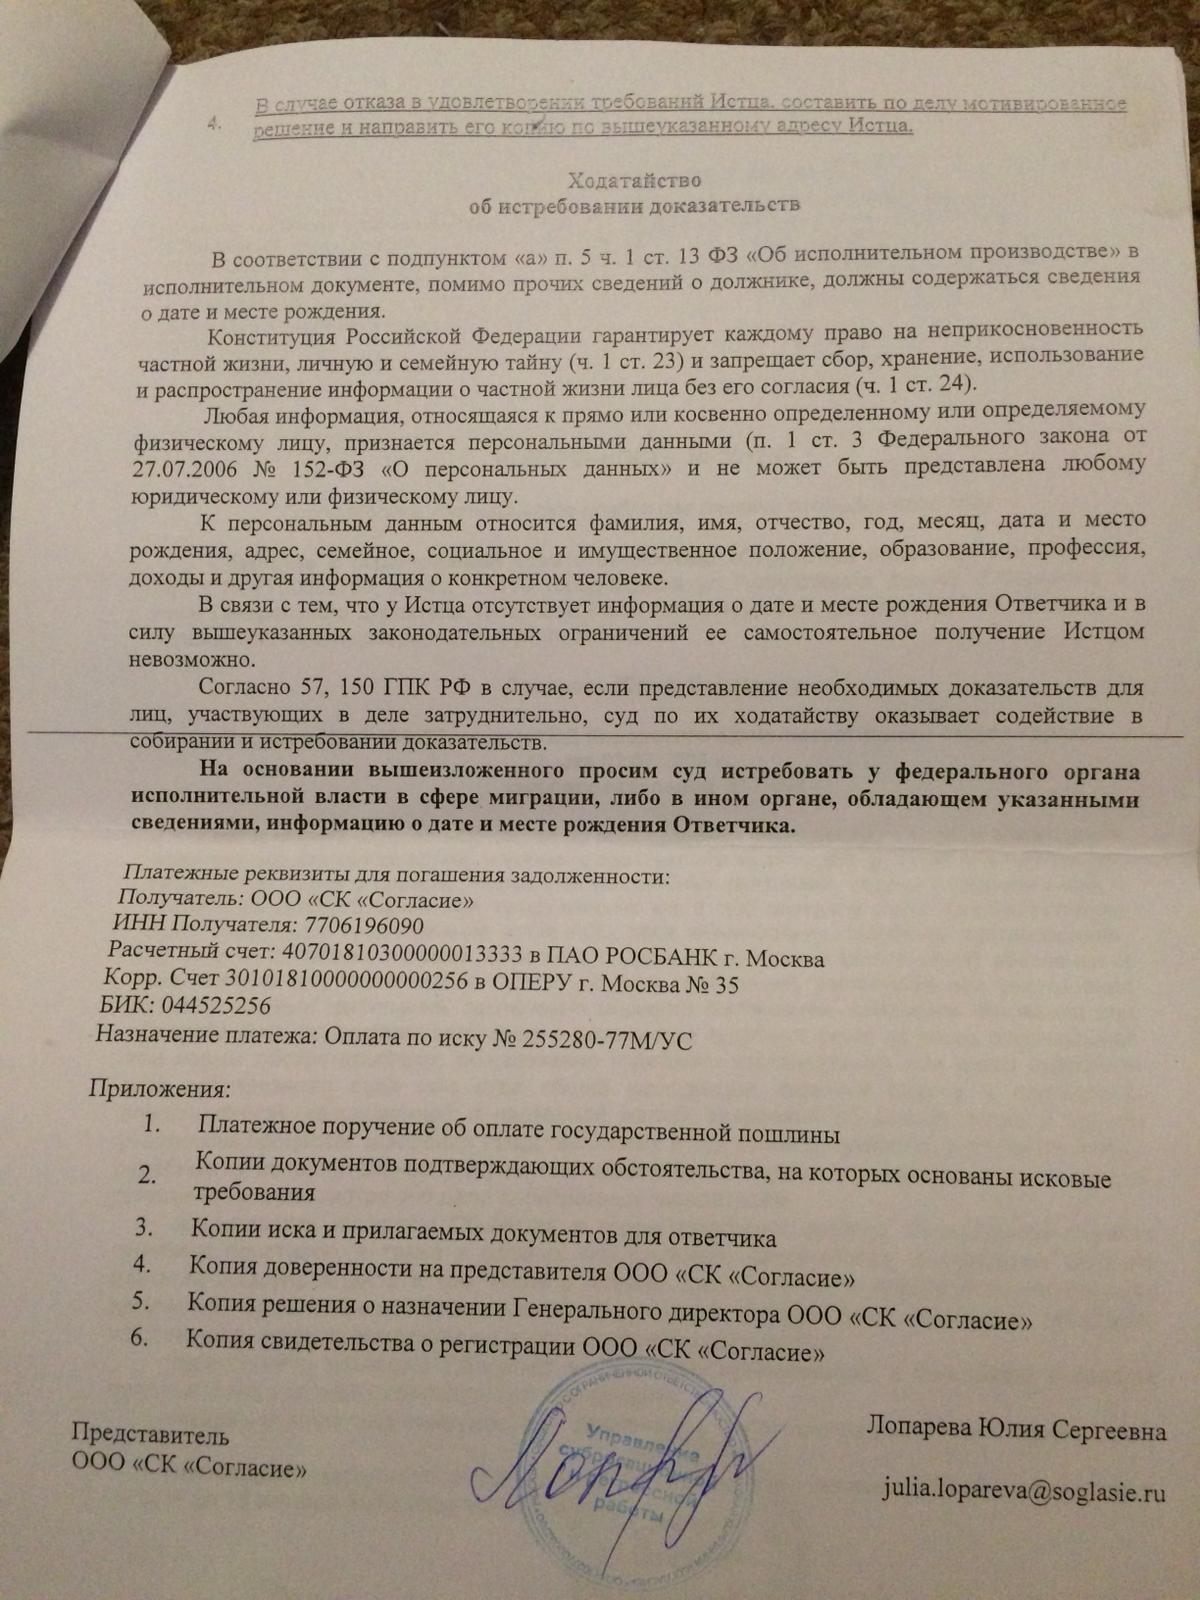 Регрессное требование к виновнику ДТП Что ЭТО, Консультация юриста онлайн